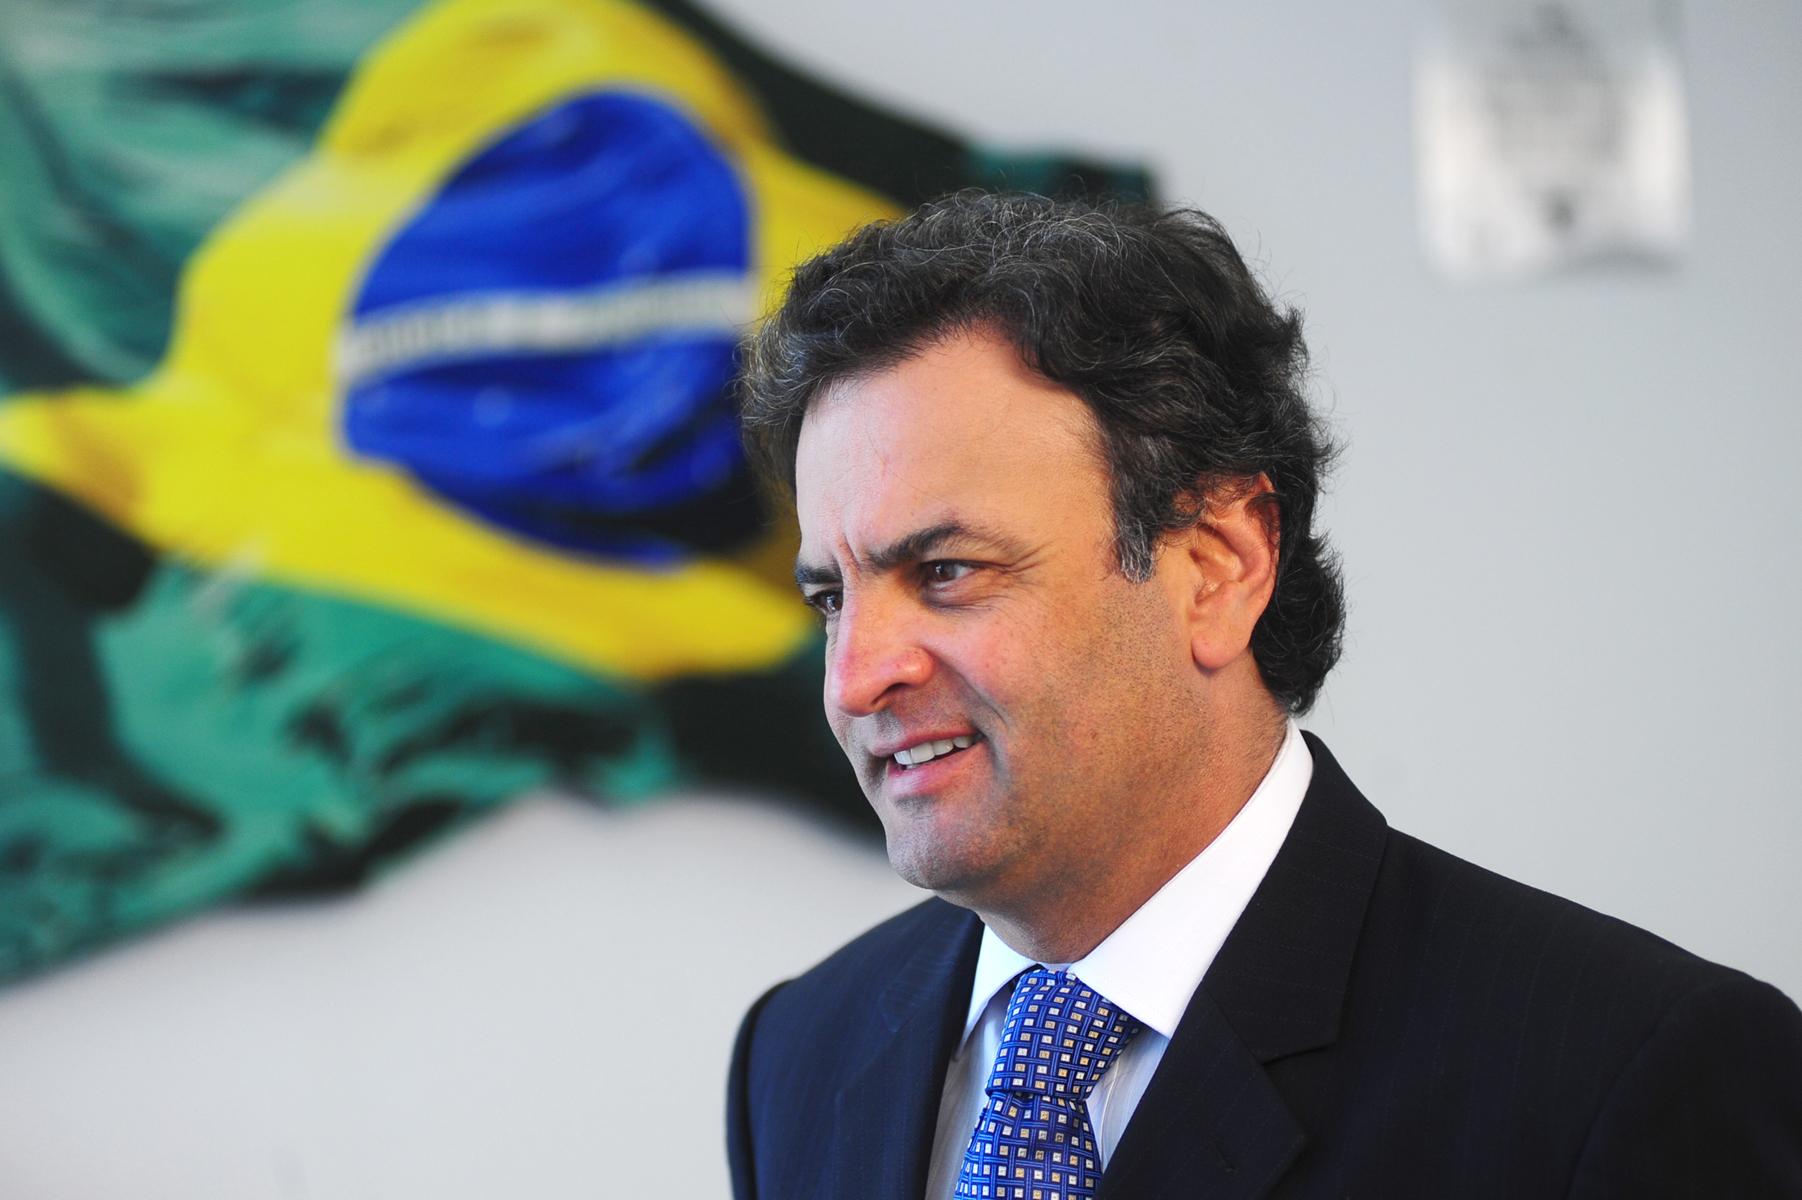 Voto impresso ganha força do PSDB com Aécio Neves